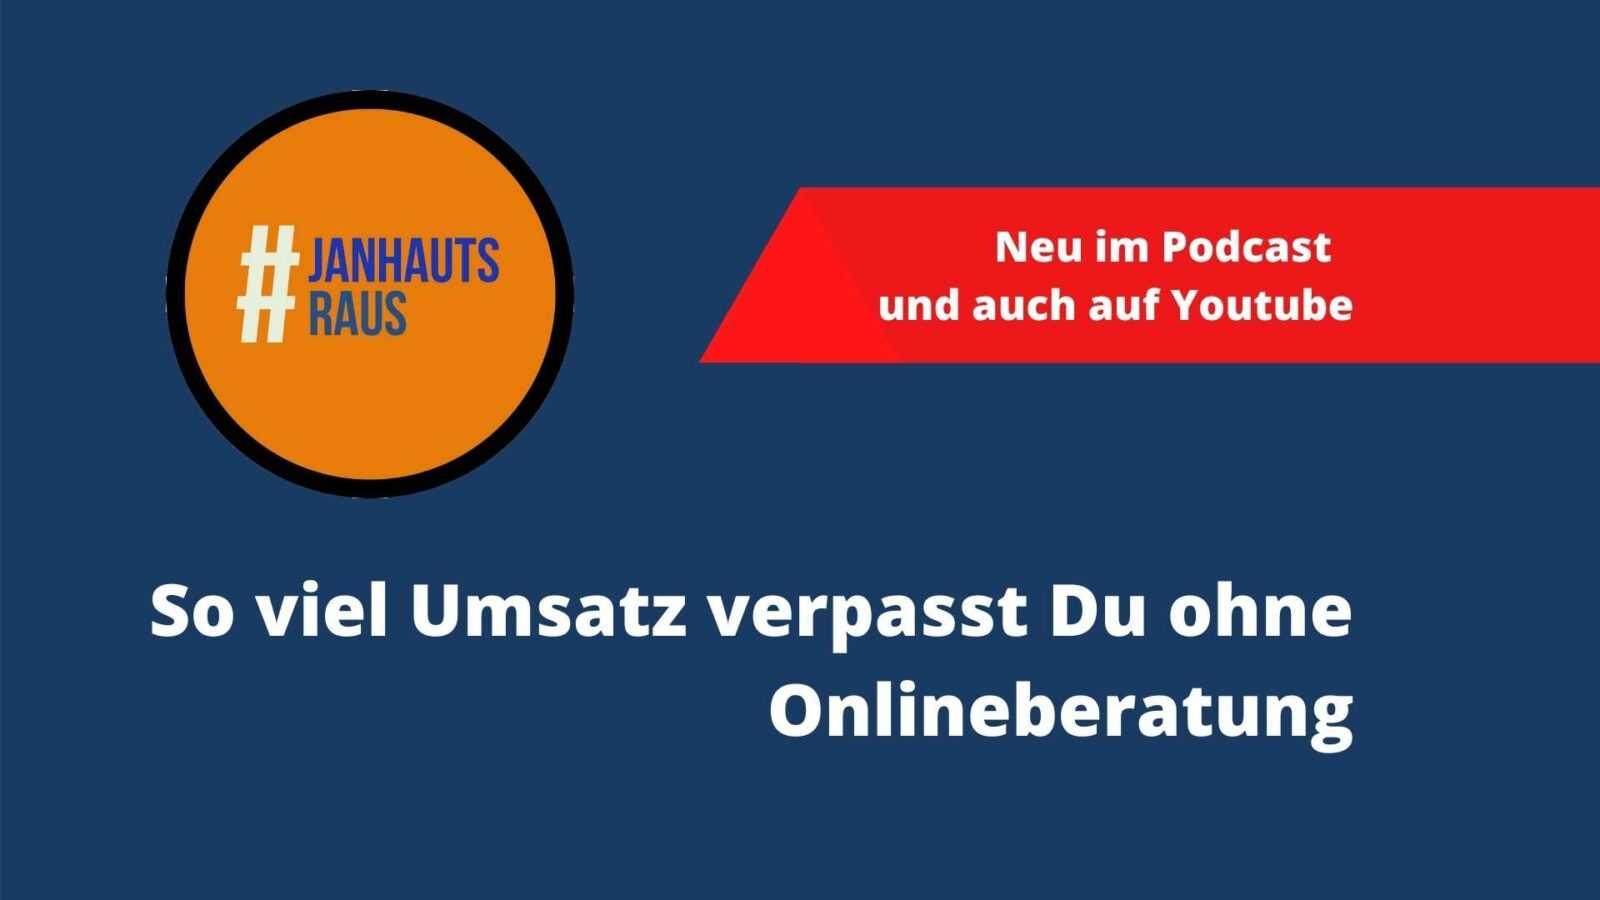 #janhautsraus - So viel Umsatz verpasst Du ohne Onlineberatung